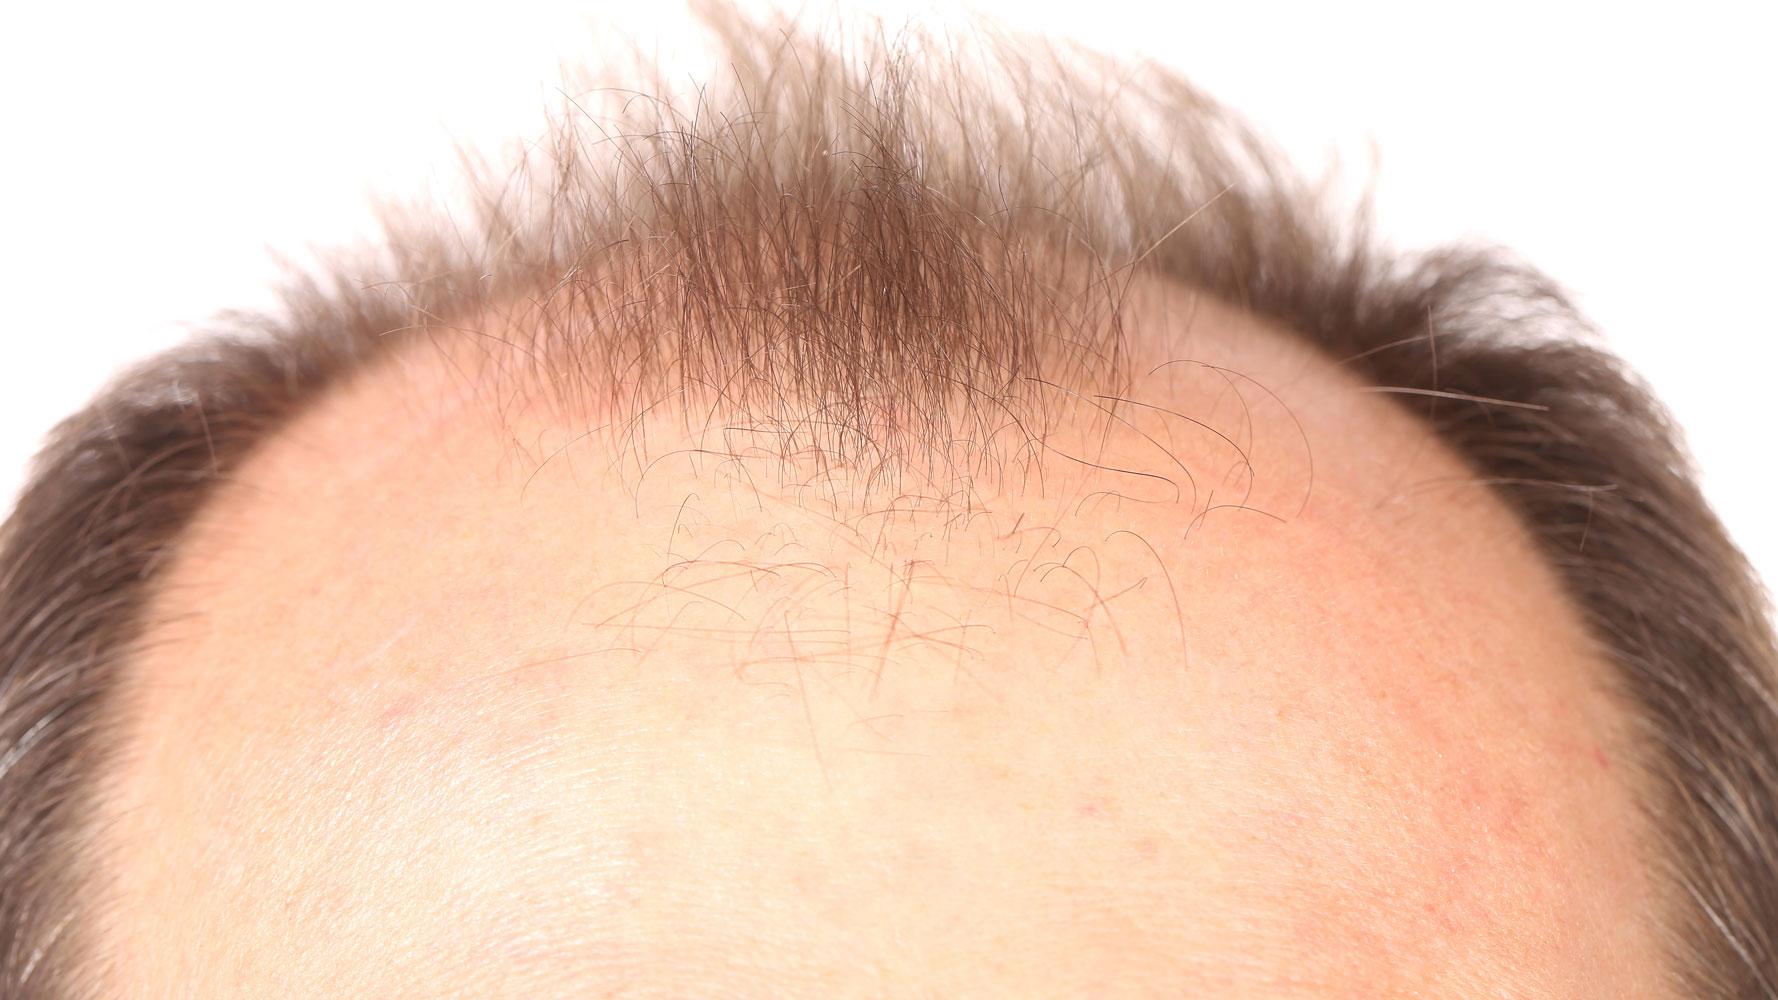 «Haarwuchs»-Kosmetika: 3000 Franken für nichts ausgegeben